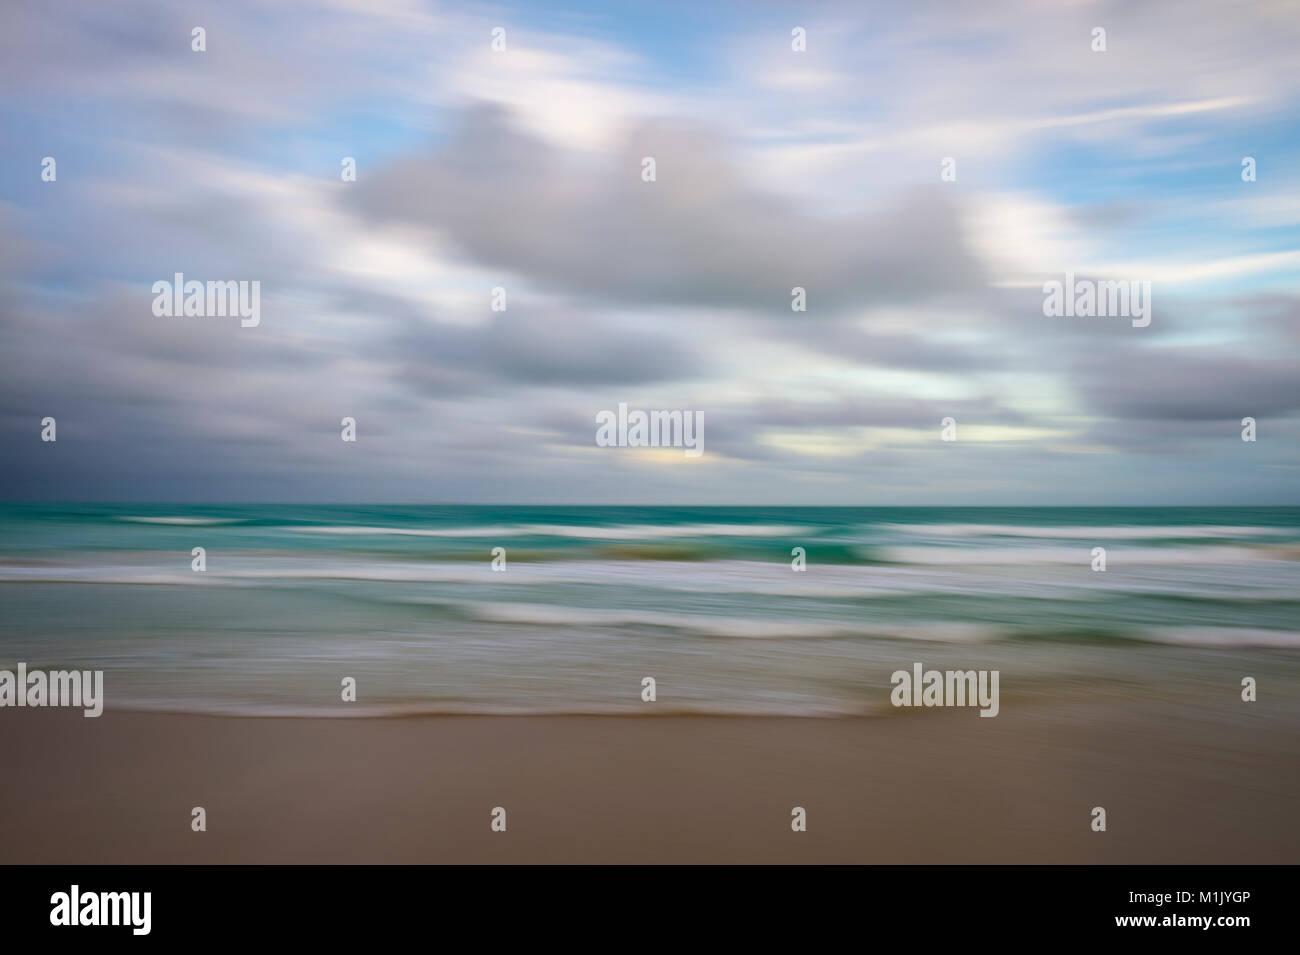 Resumen de desenfoque de fondo el desenfoque de movimiento de las olas que se estrellan en la playa tropical con Imagen De Stock